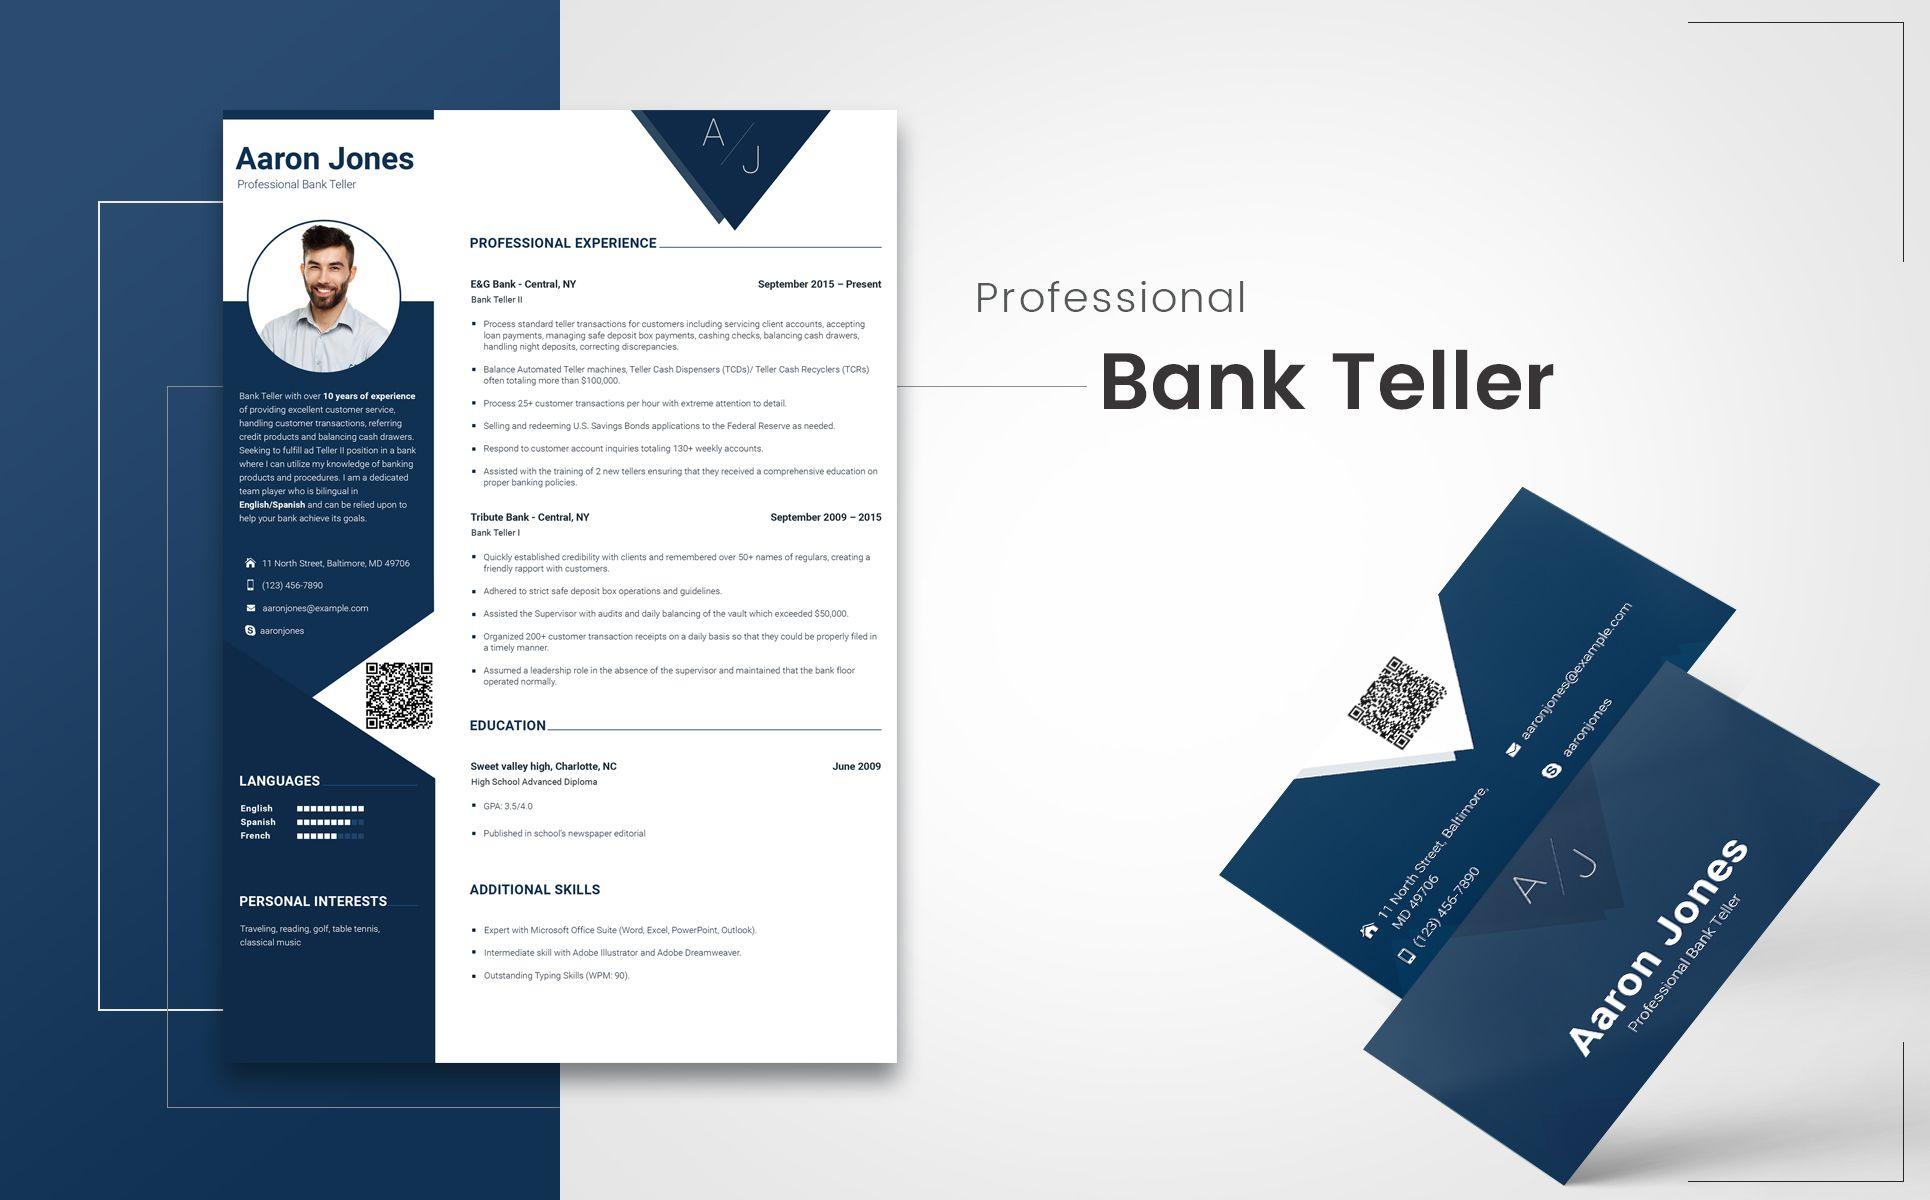 Aaron Jones Bank Teller Resume Template 65242 Bank Teller Bank Teller Resume Resume Template